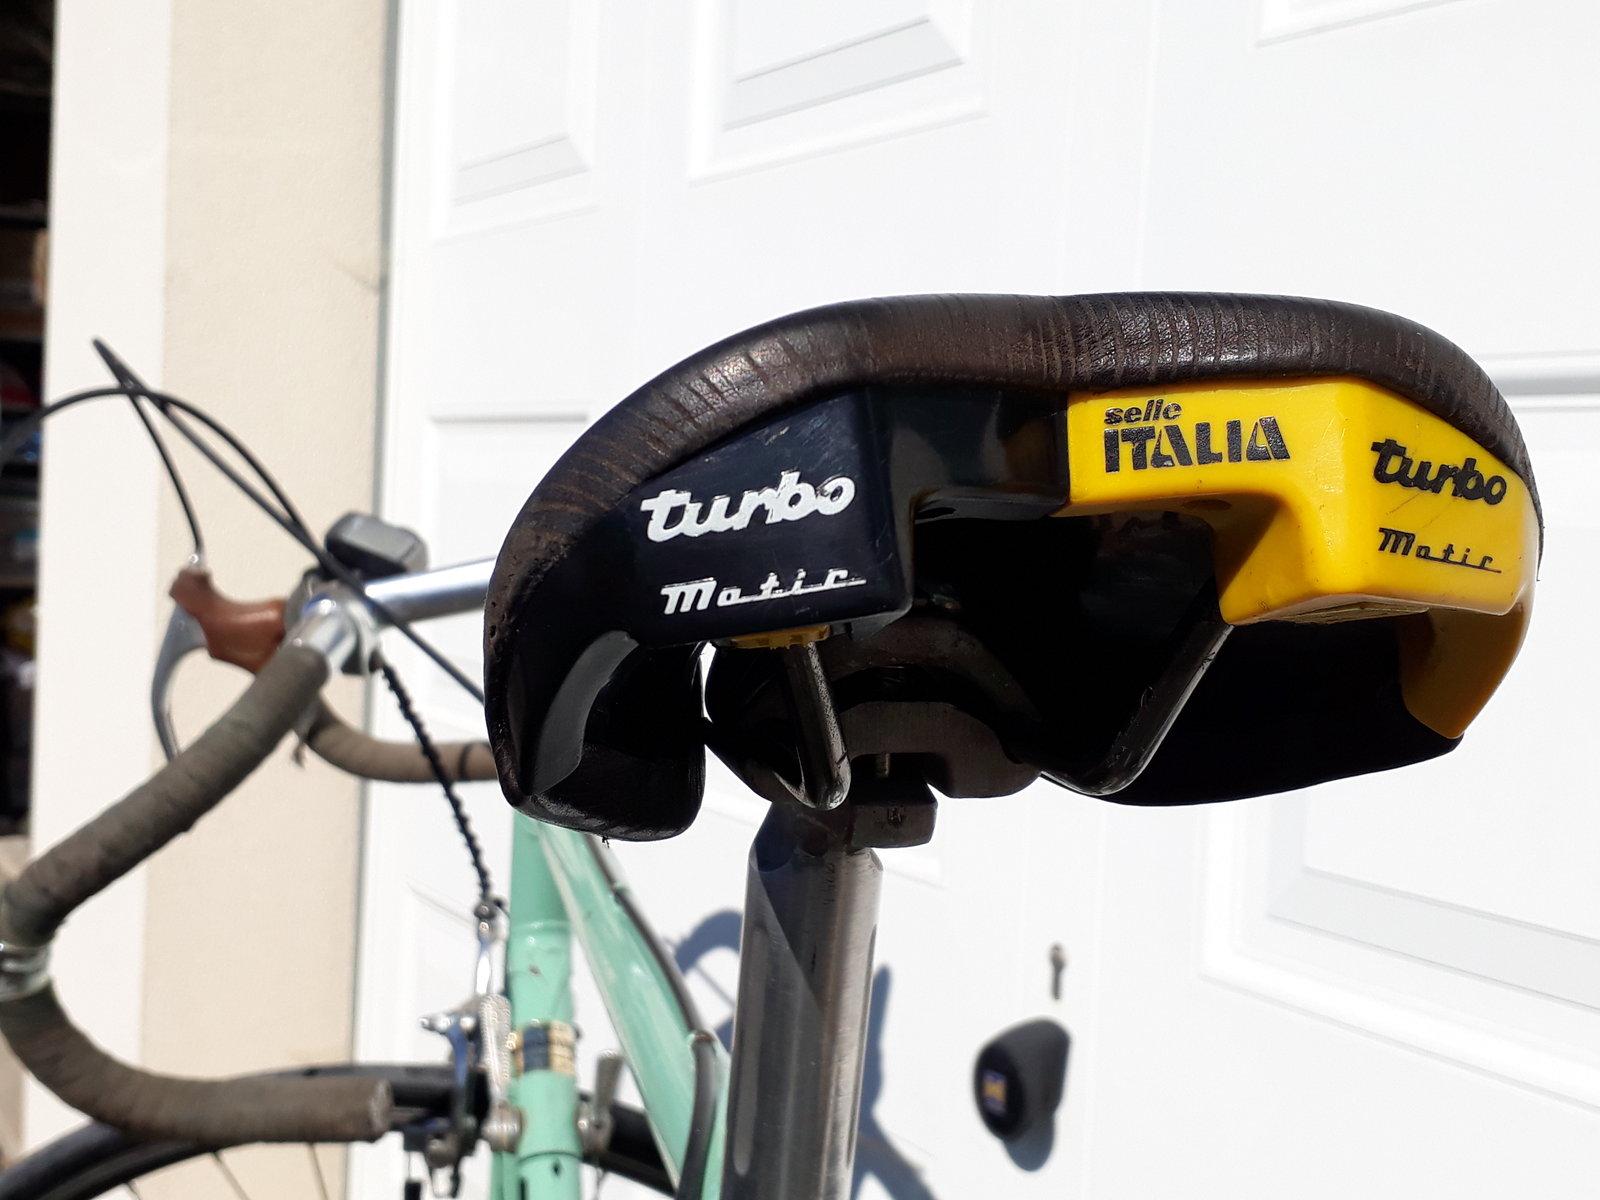 Bianchi Rekord 748, le vélo de famille.... MAJ Page 2 - Page 2 200324023331472902